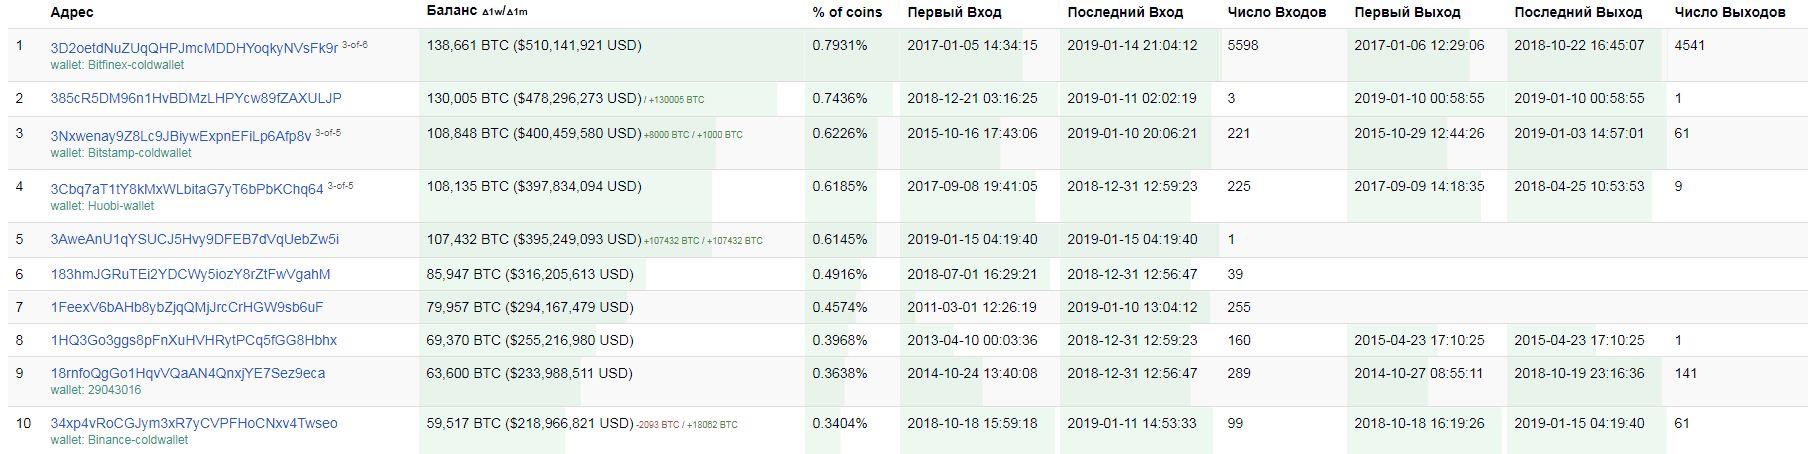 ТОП-10 богатейших Bitcoin-адресов